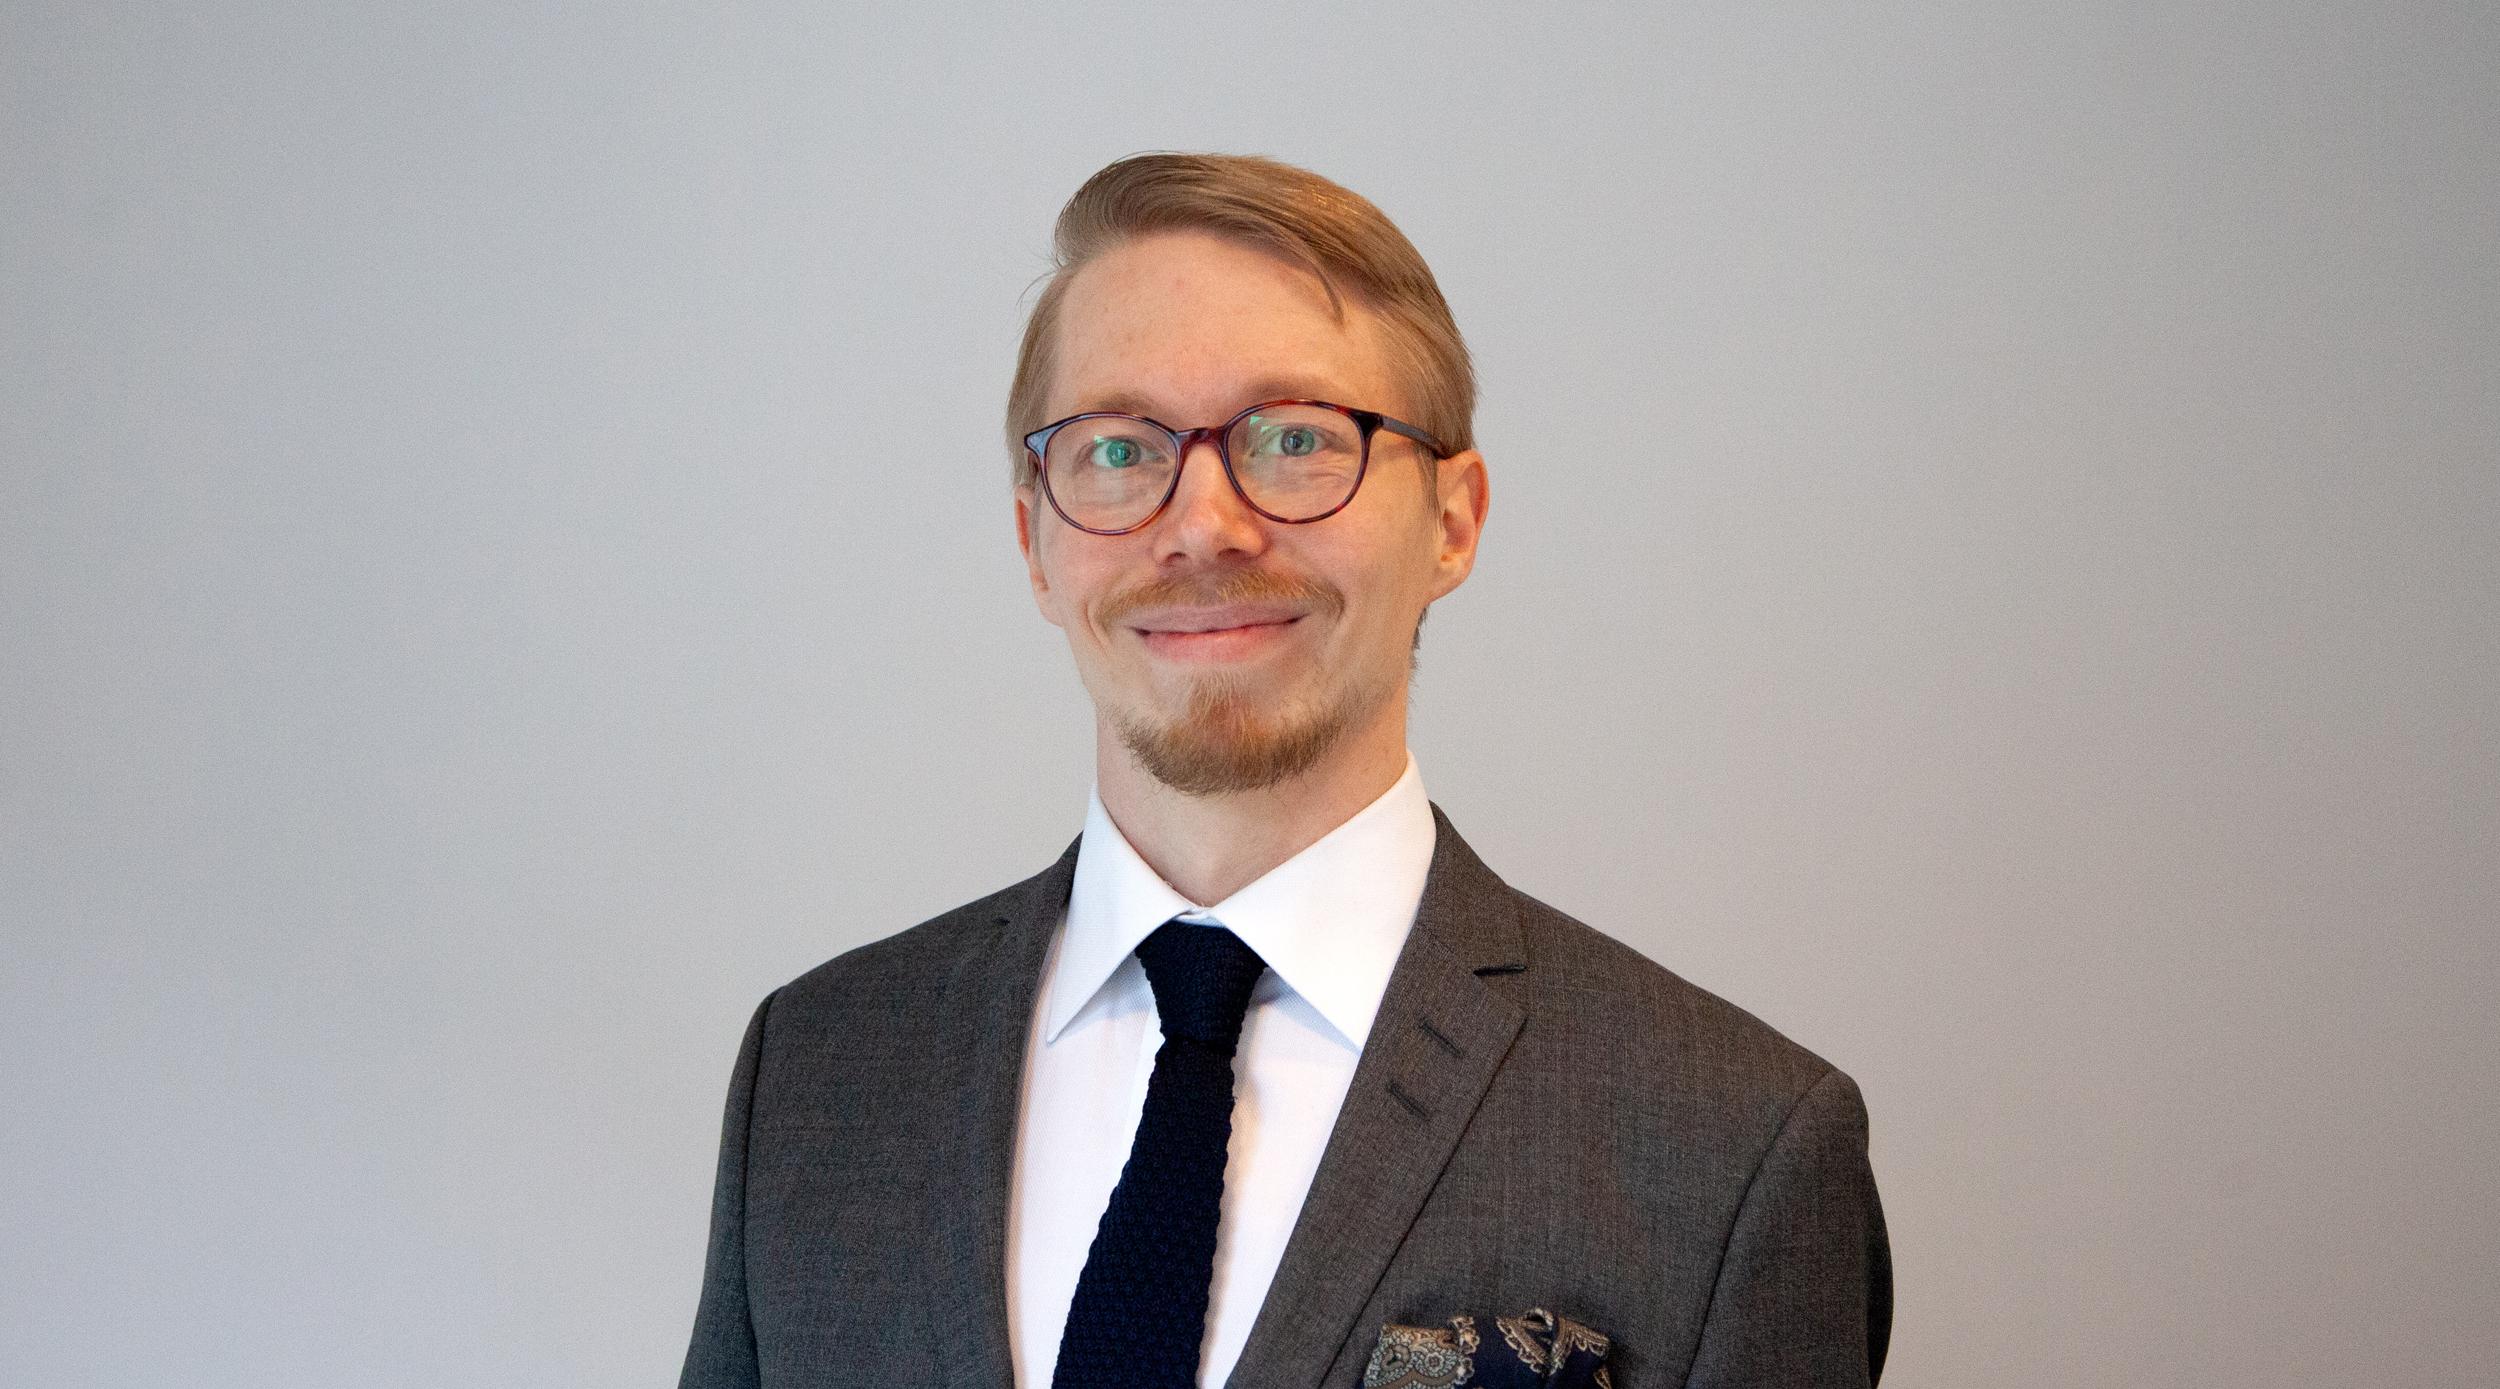 Kuntarahoituksen Sustainability Manager Kalle Kinnunen